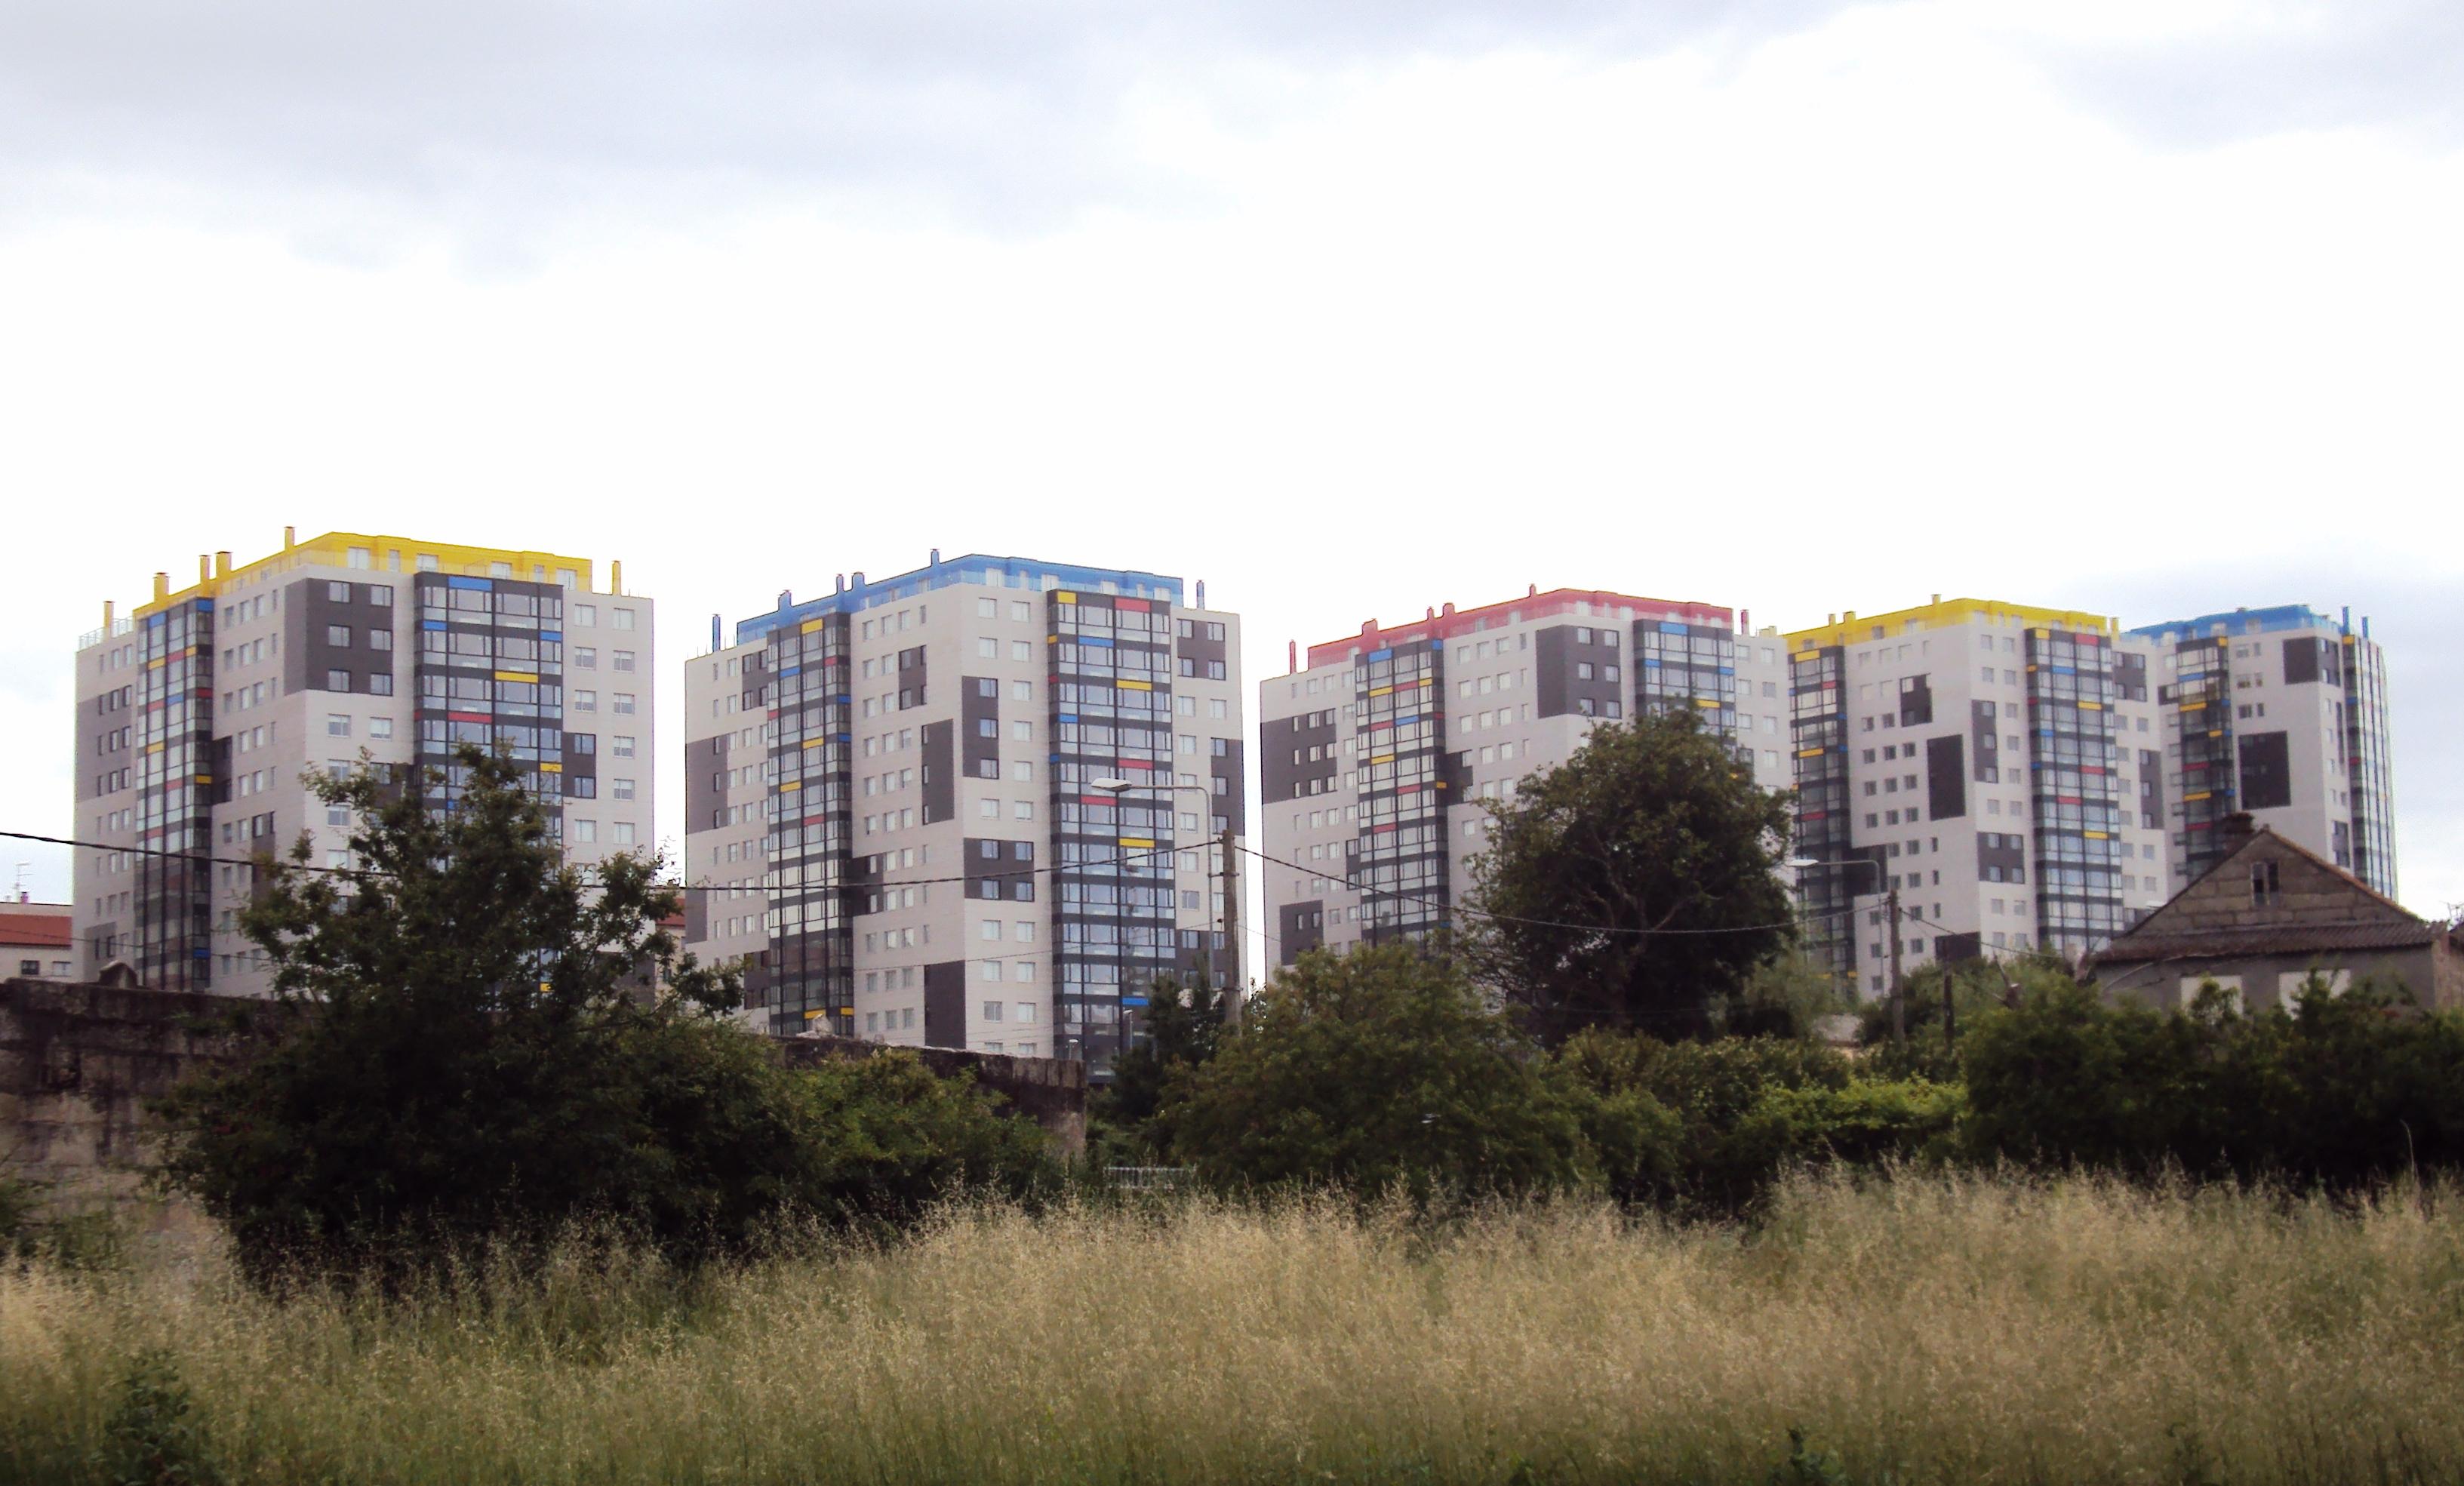 Edificios_'Rabo_de_Galo'_no_PAU_de_Navia,_Vigo